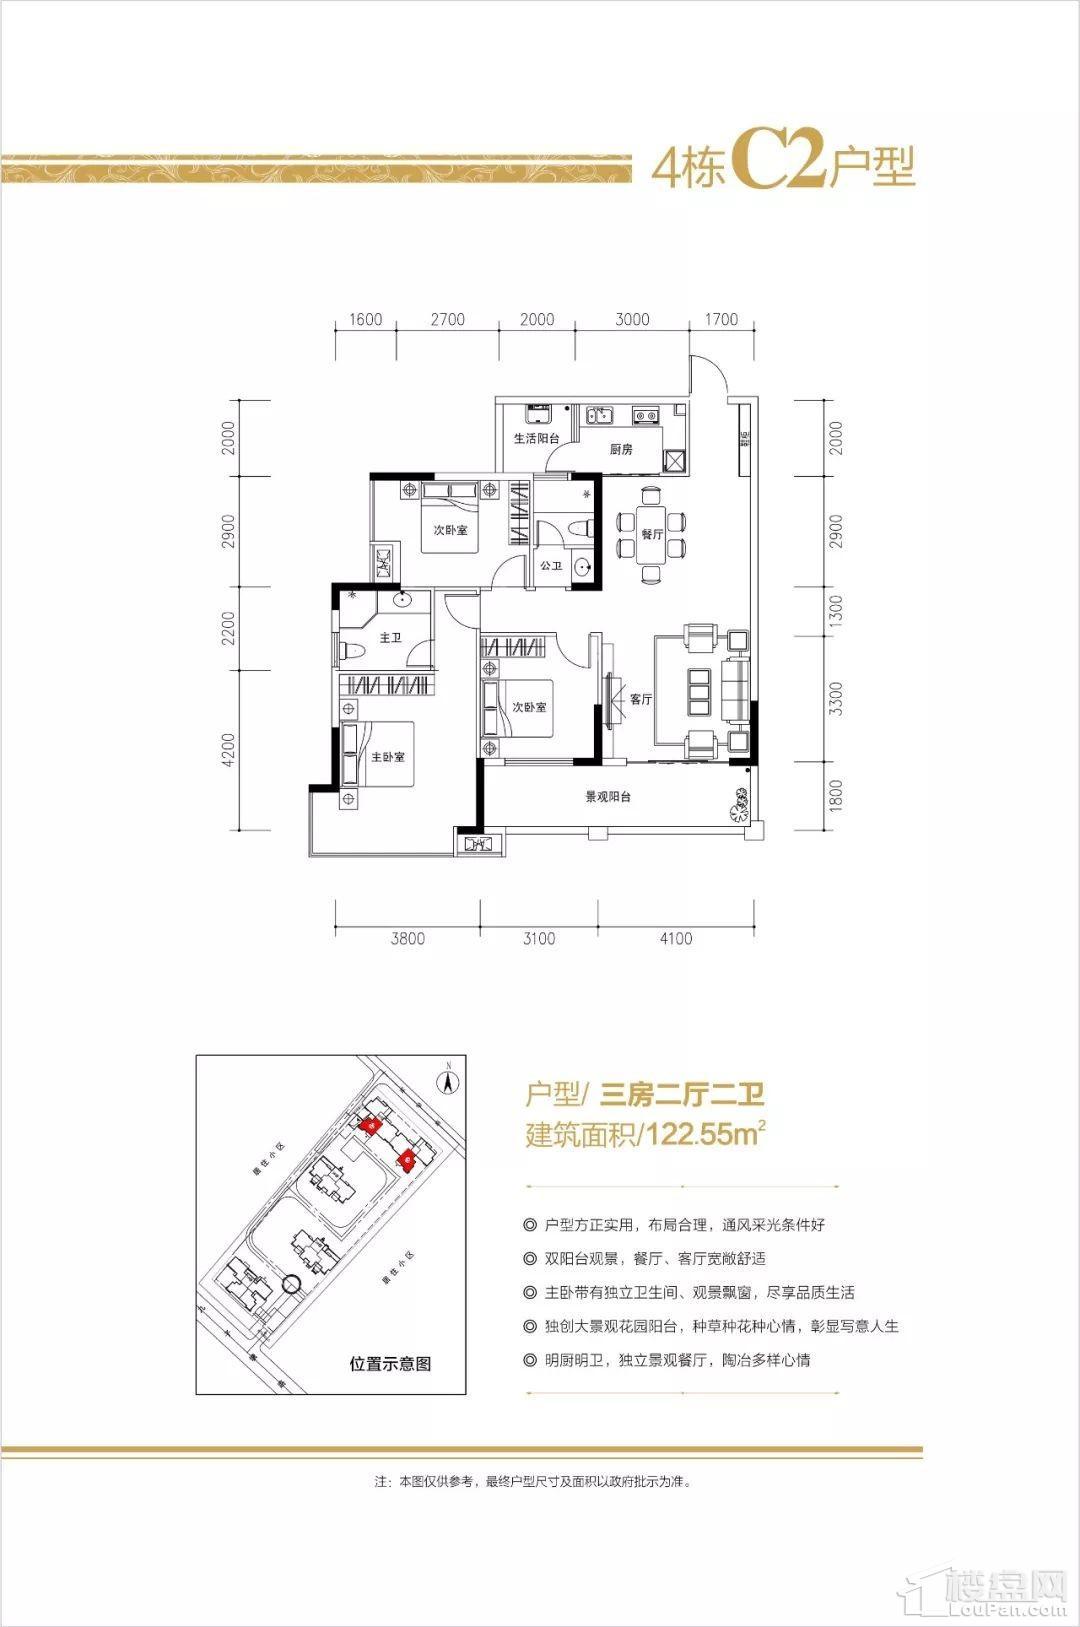 鸿涛名邸4栋C2户型